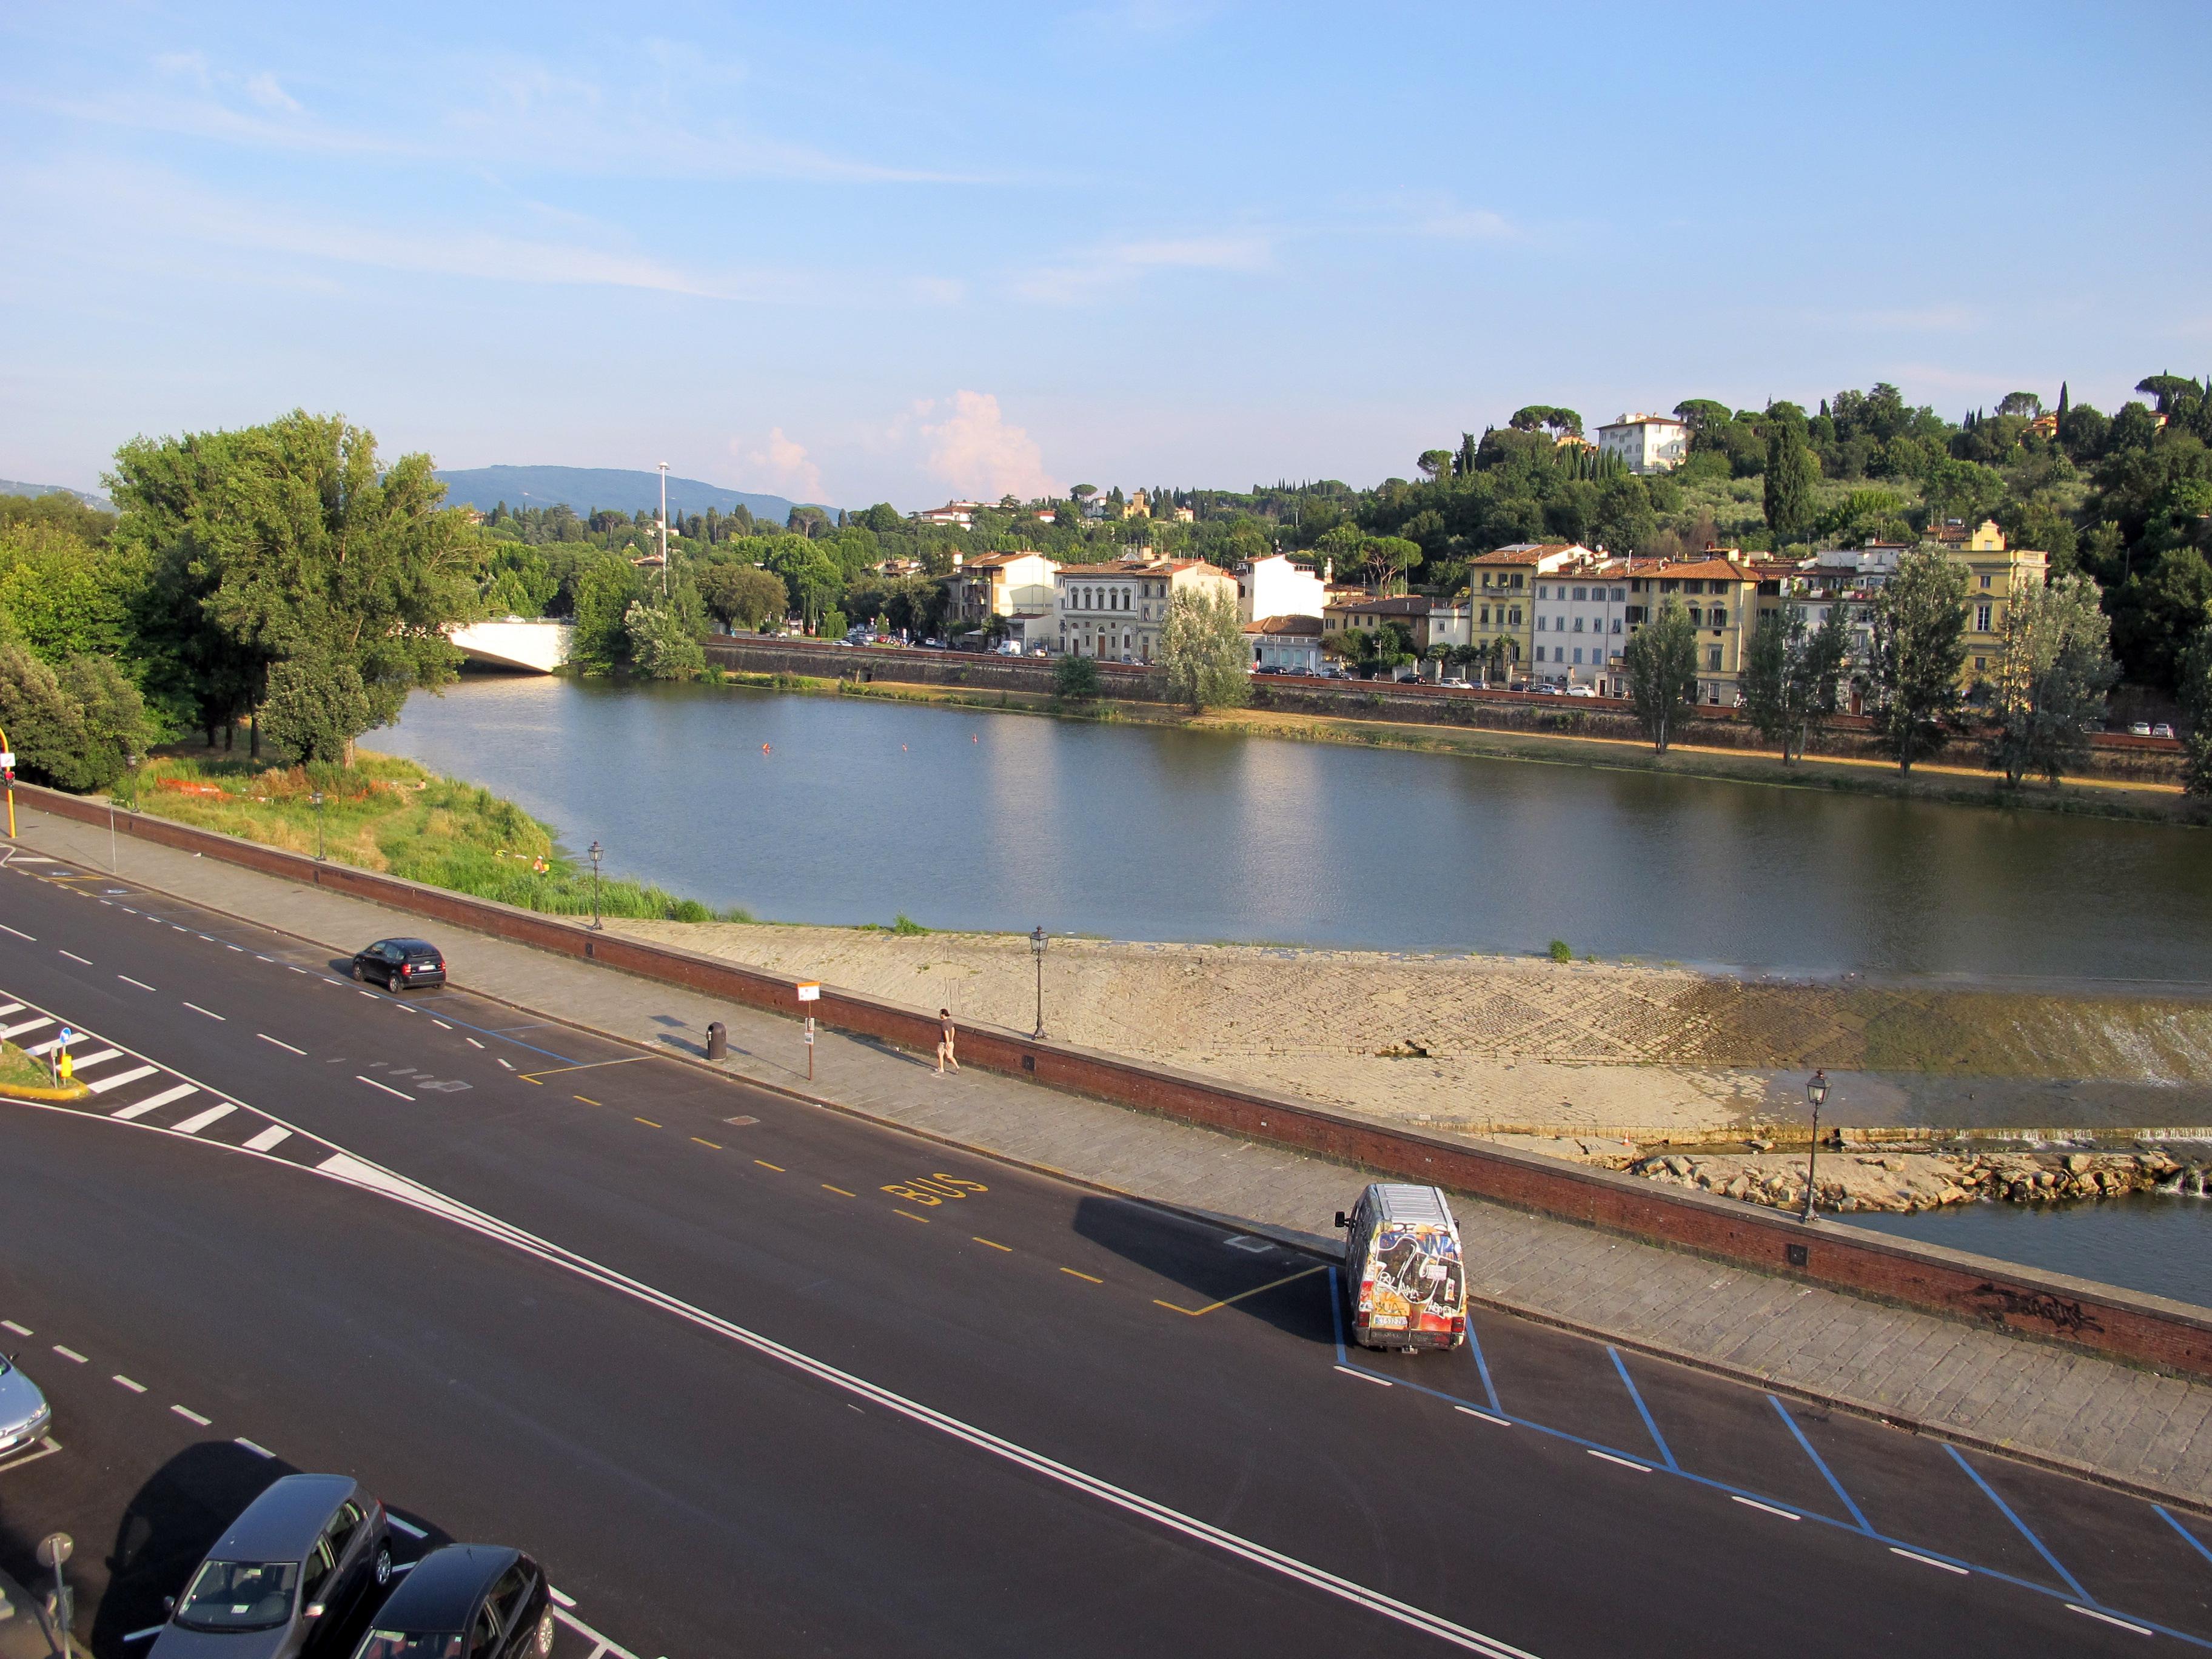 Hotel River Firenze